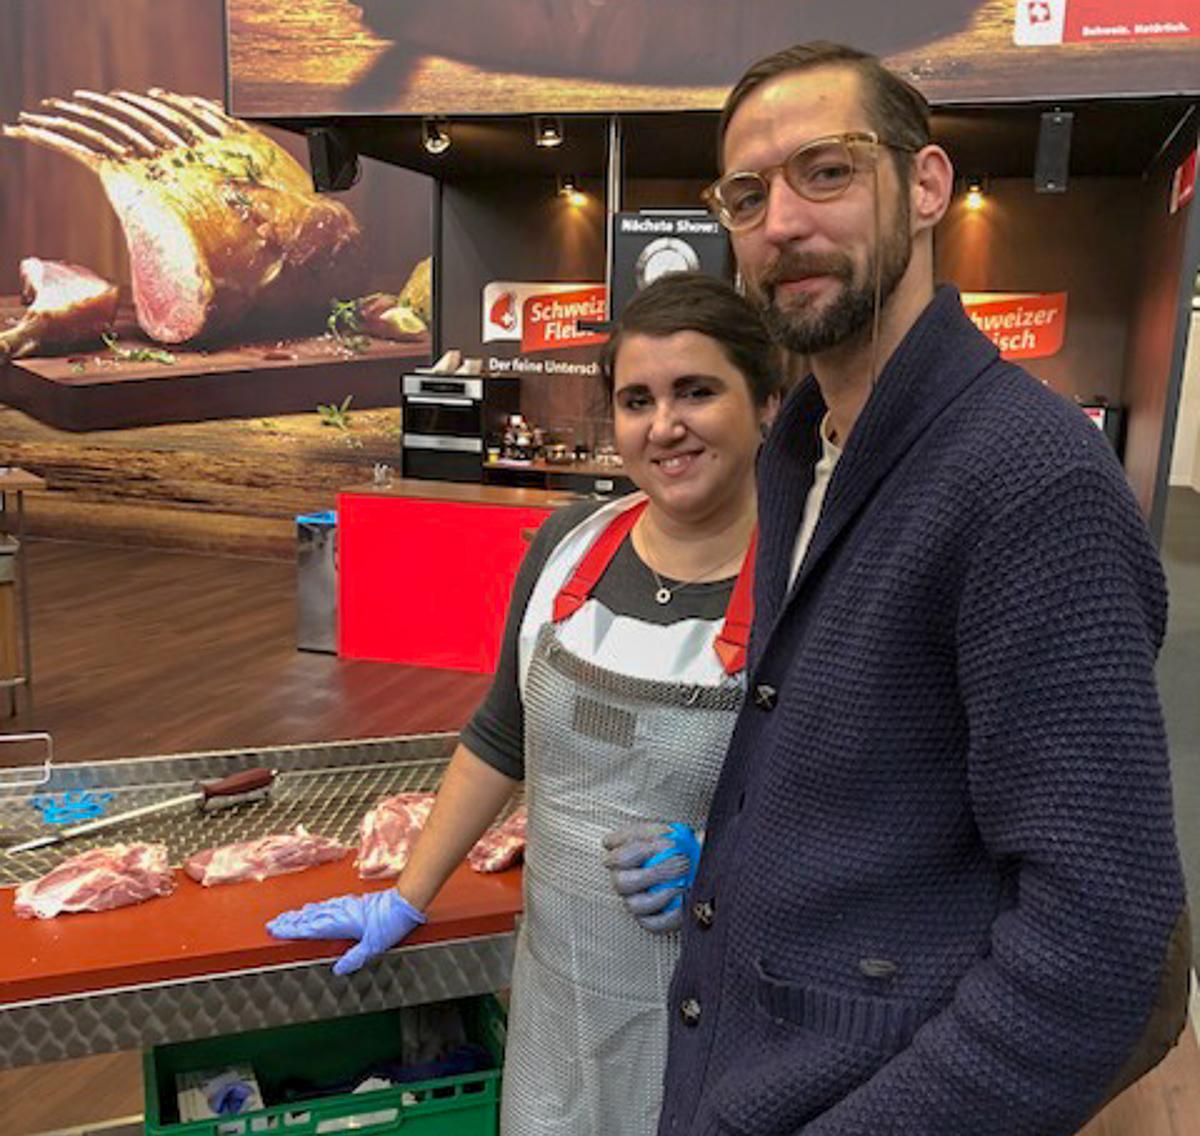 Die Autorin mit Koch Moritz Stiefel am Fleischstand, wo man das richtige Ausbeinen selber ausprobieren kann.